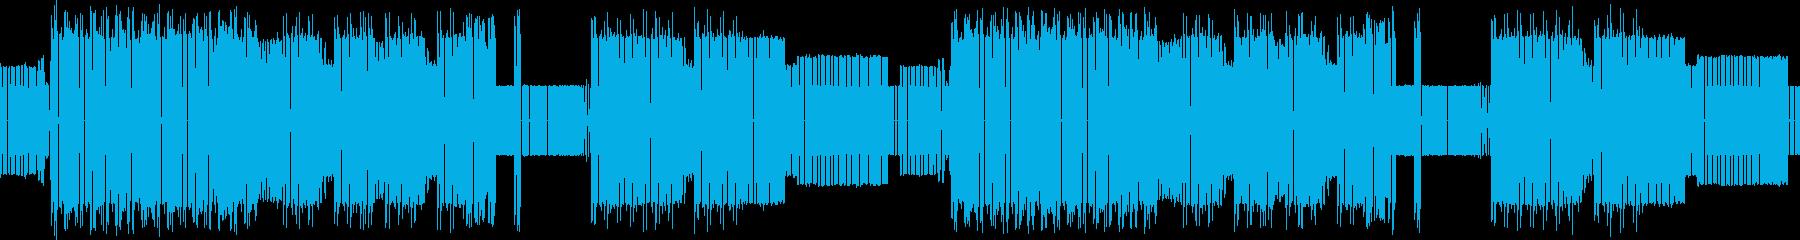 ループ用・8bit・戦闘曲・疾走感・勇者の再生済みの波形